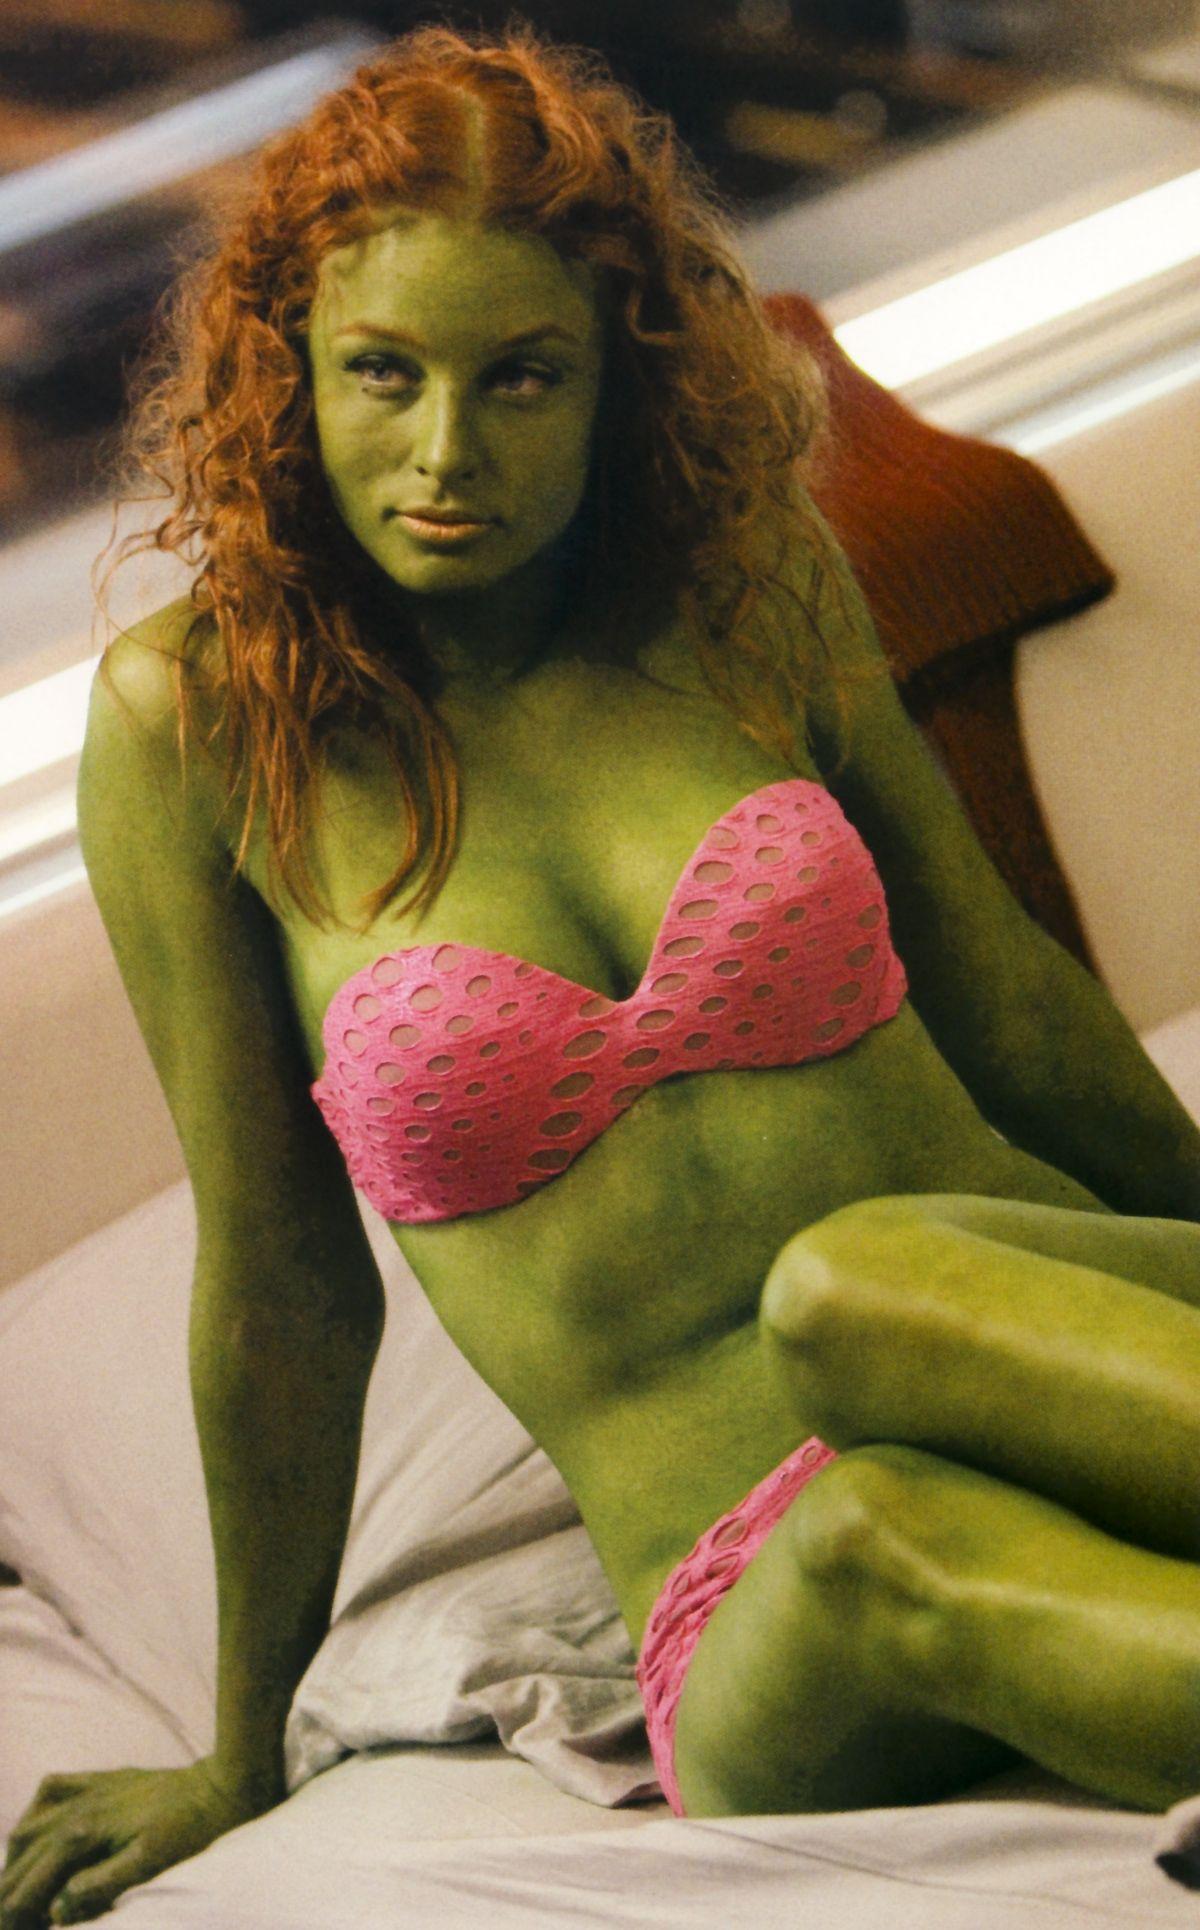 naked green orion slave girl photos